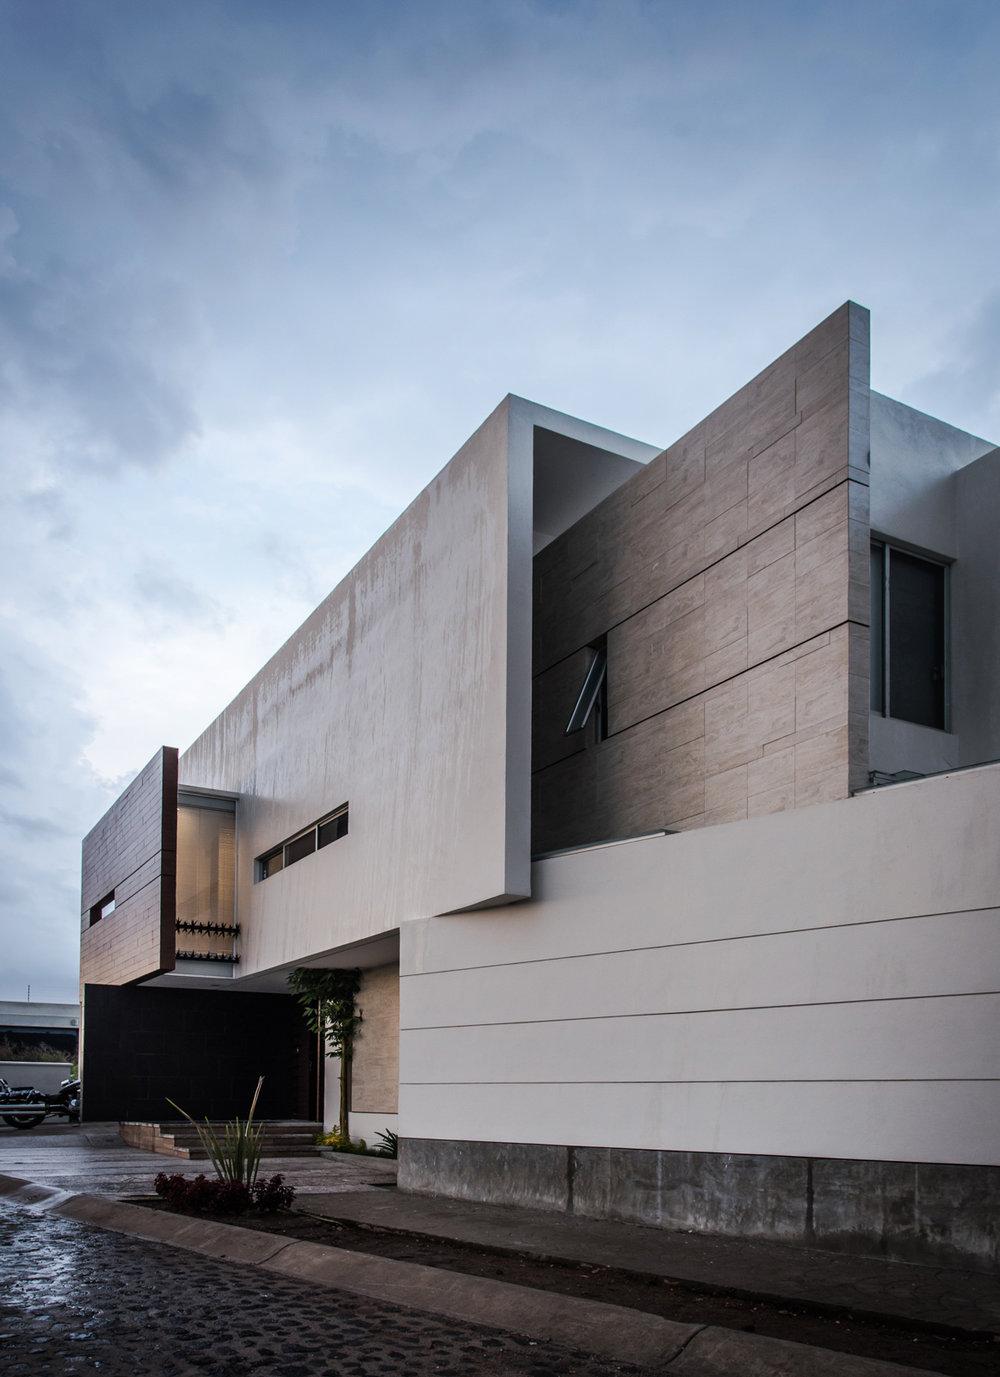 About STVX - STVX es un grupo de diseño arquitectónico y producción audiovisual gestado en el año 2014, conformado por los arquitectos Alberto Sánchez, Oscar Hernández y Daniel Alcala, que de la mano de un multidisciplinario de colaboradores realiza creativas propuestas arquitectónicas y urbanas, además de multifacéticos proyectos audiovisuales de alto impacto a través de la fotografía y el video.